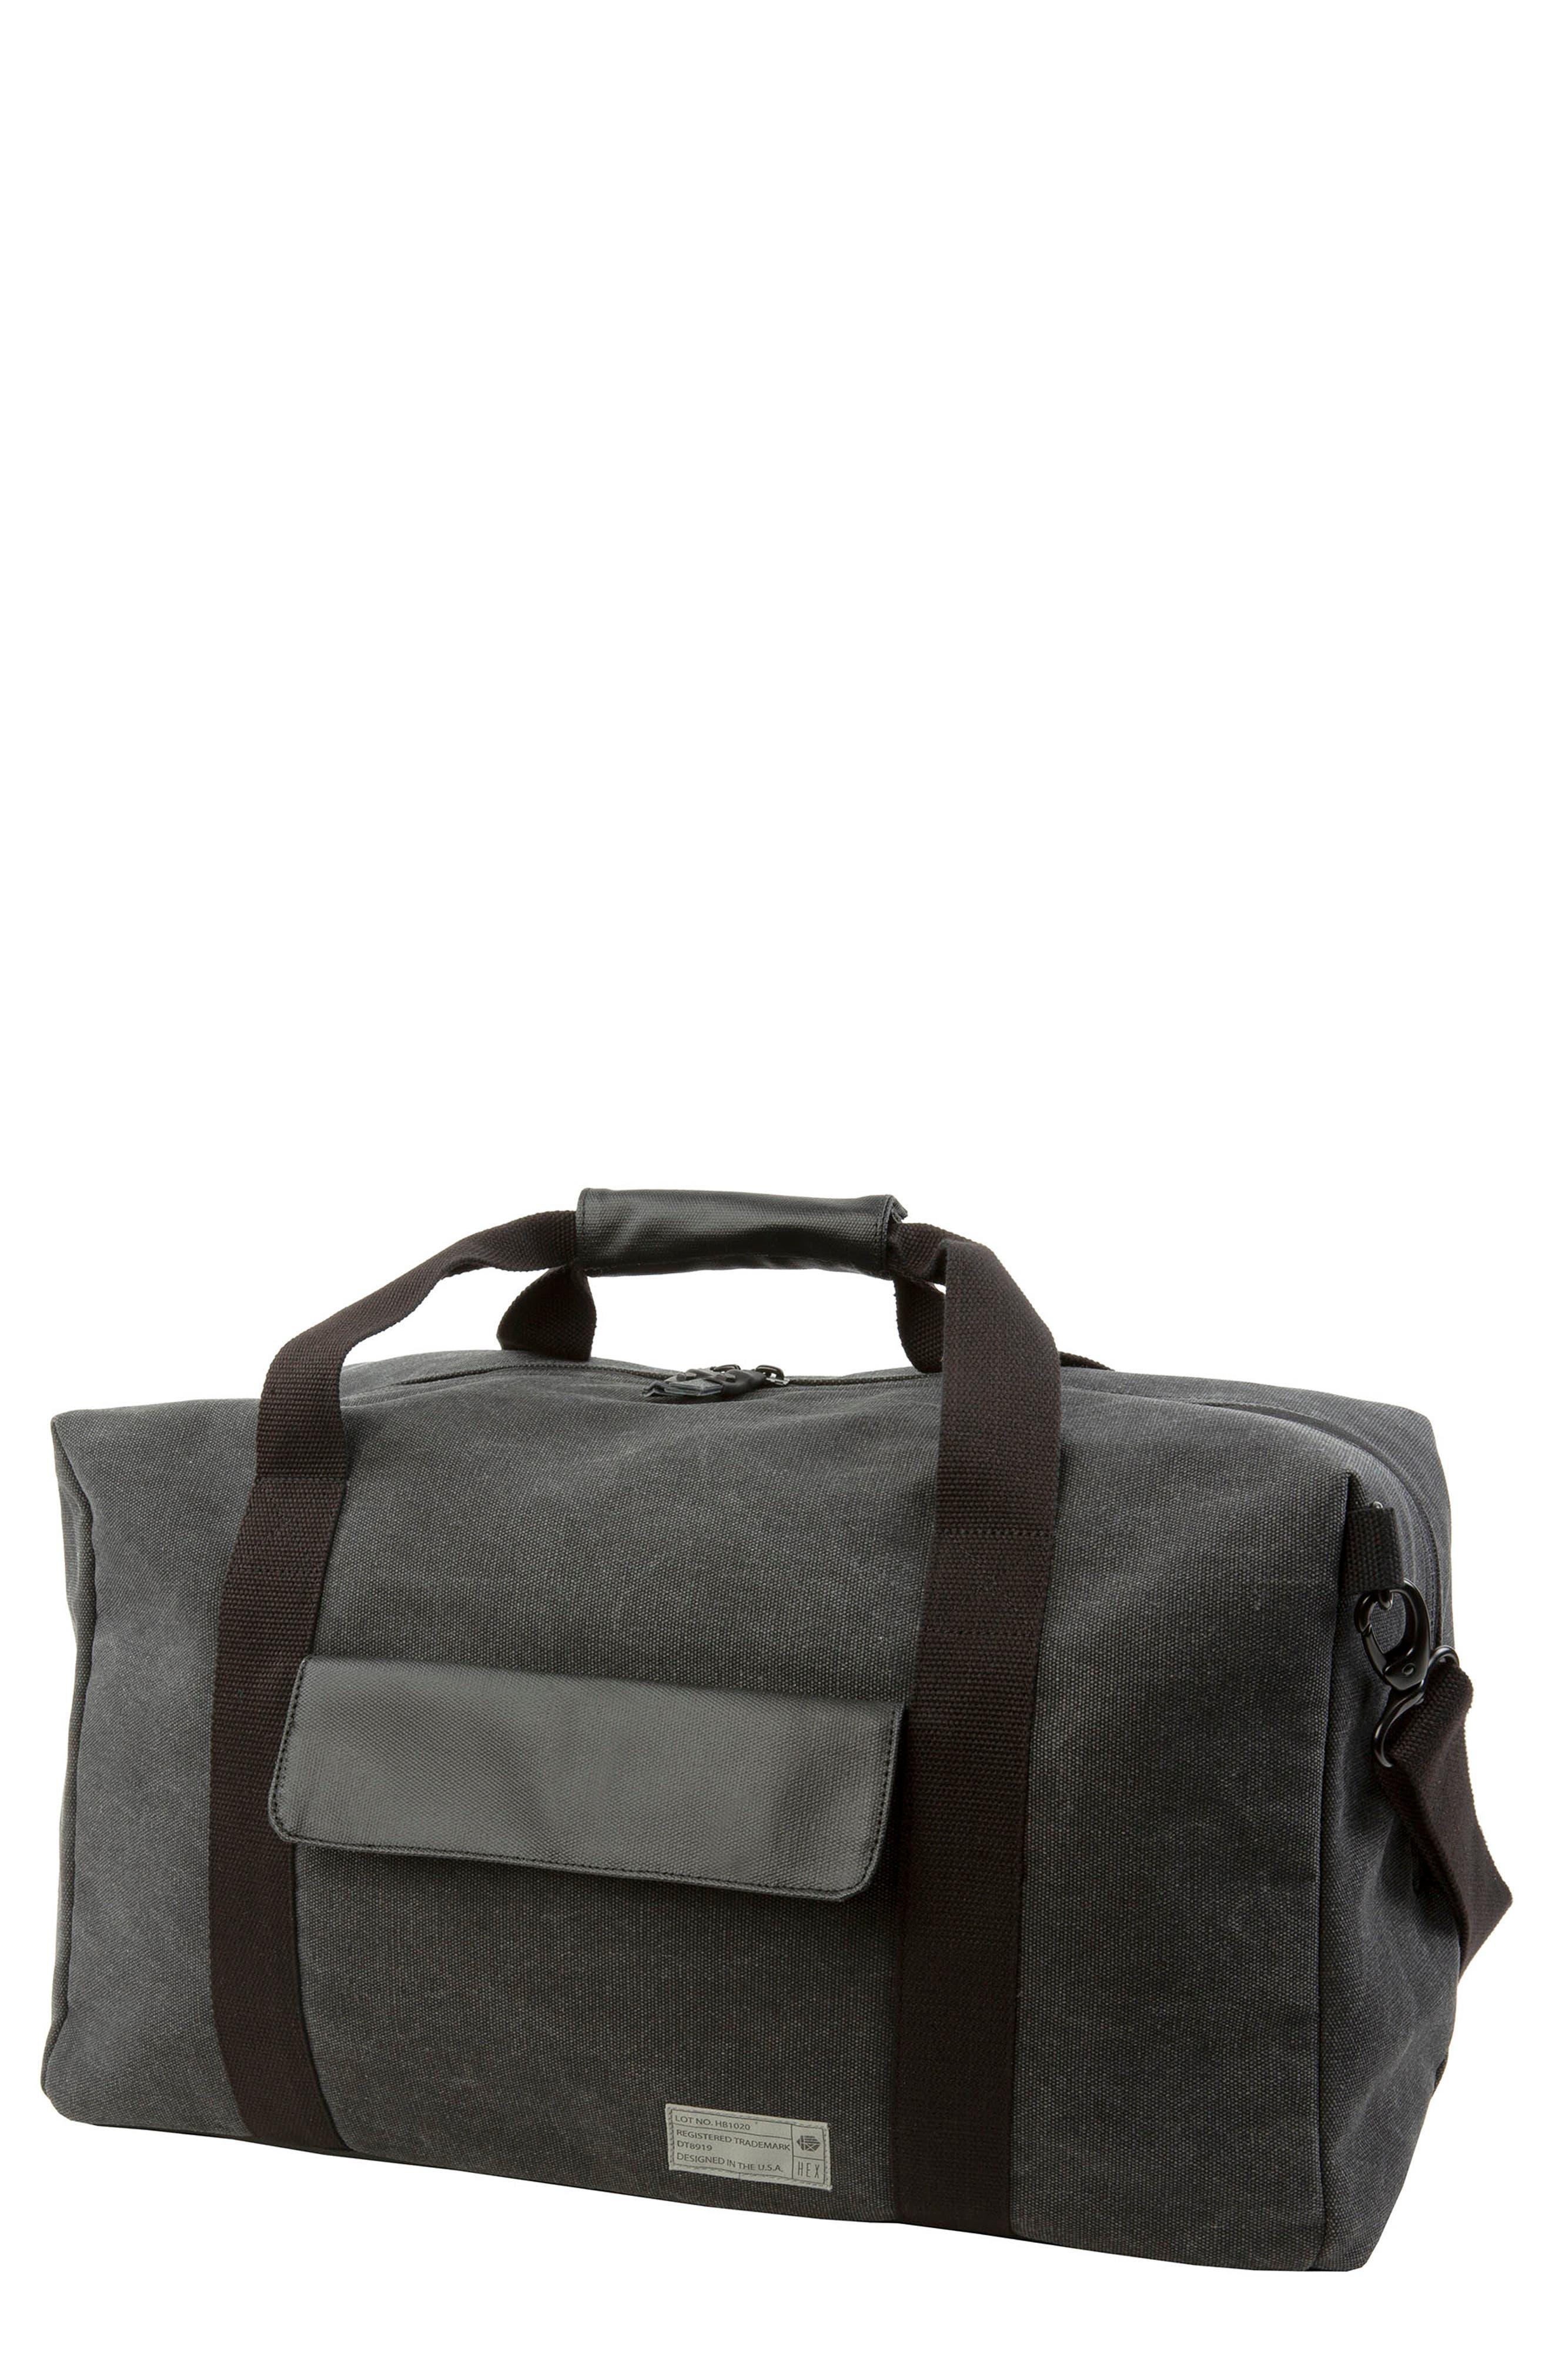 Hex Duffel Bag - Grey